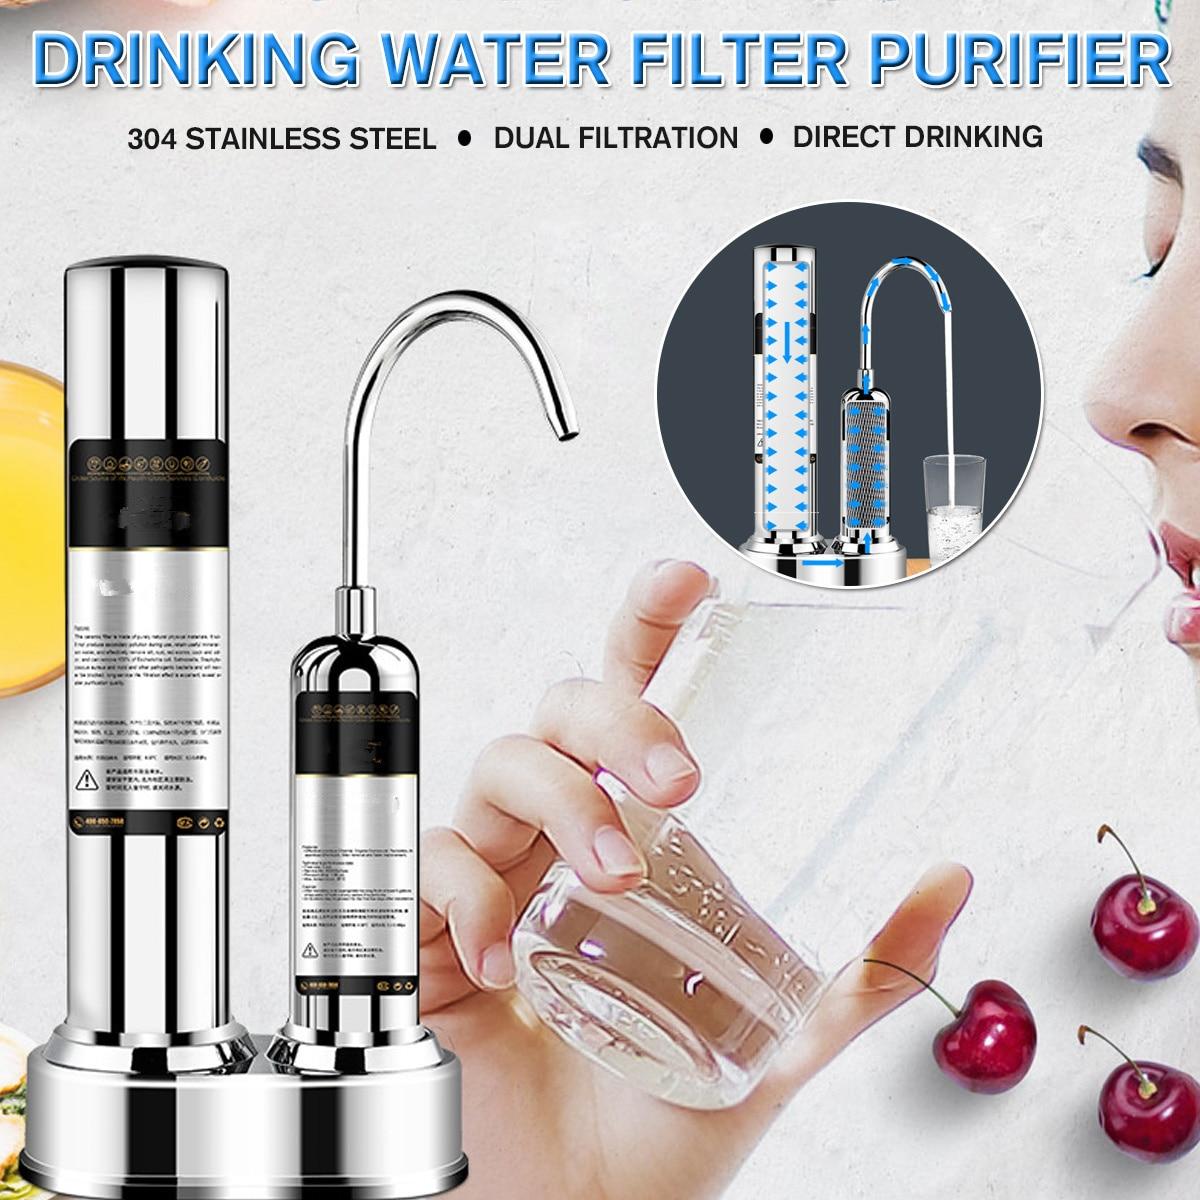 Acier inoxydable purificateur d'eau cuisine robinet lavable en céramique percolateur Mini eau rouille bactéries enlèvement filtre de remplacement